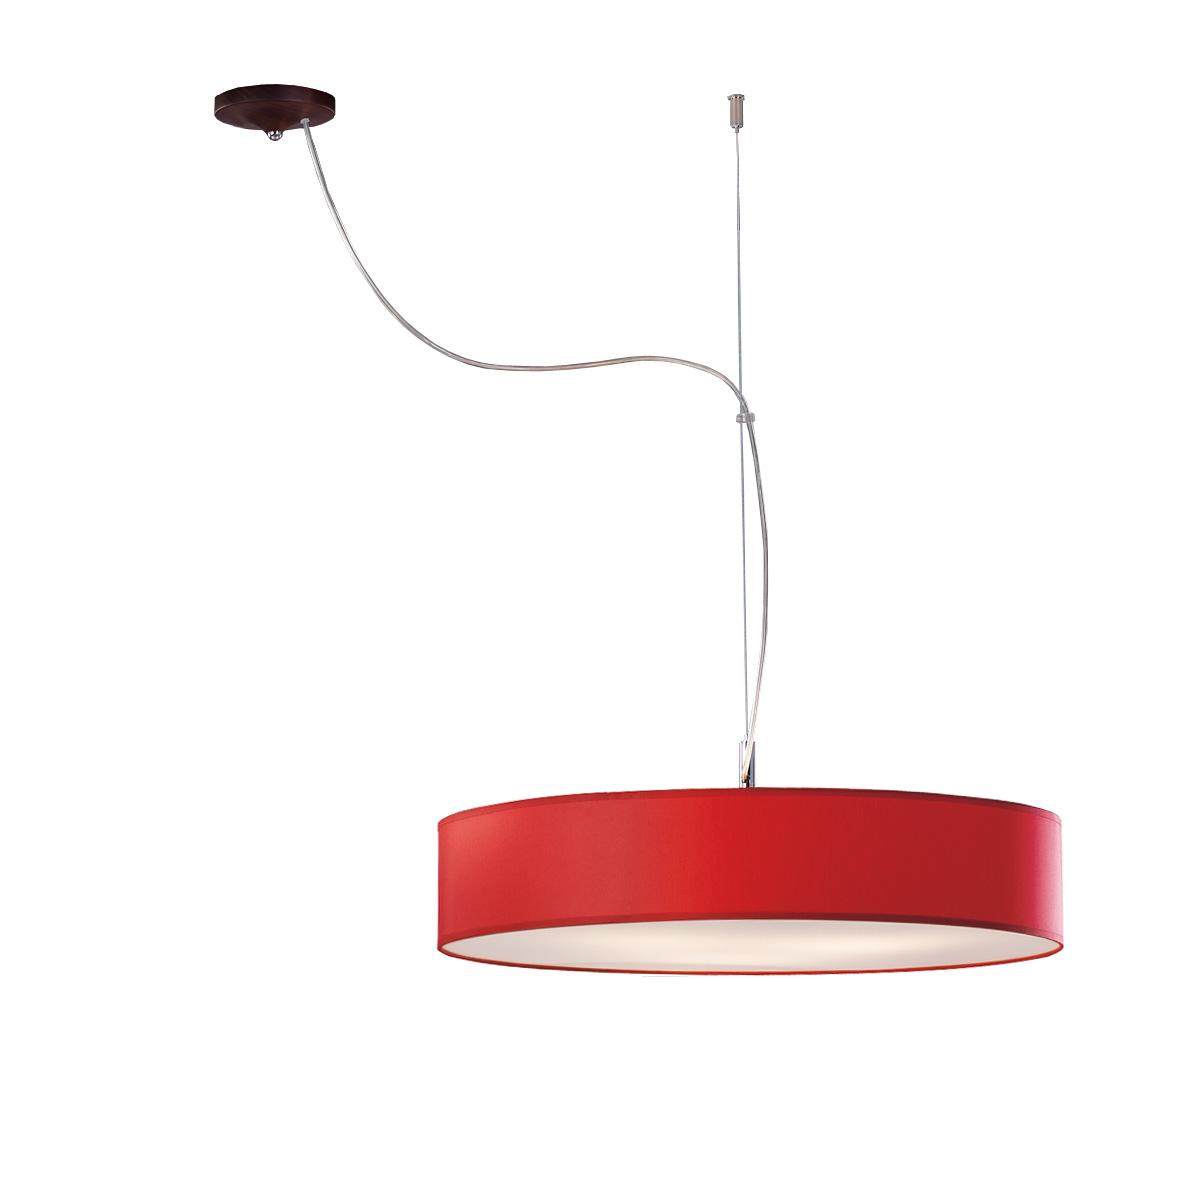 Κόκκινο φωτιστικό DISCO ZEN red suspension lamp